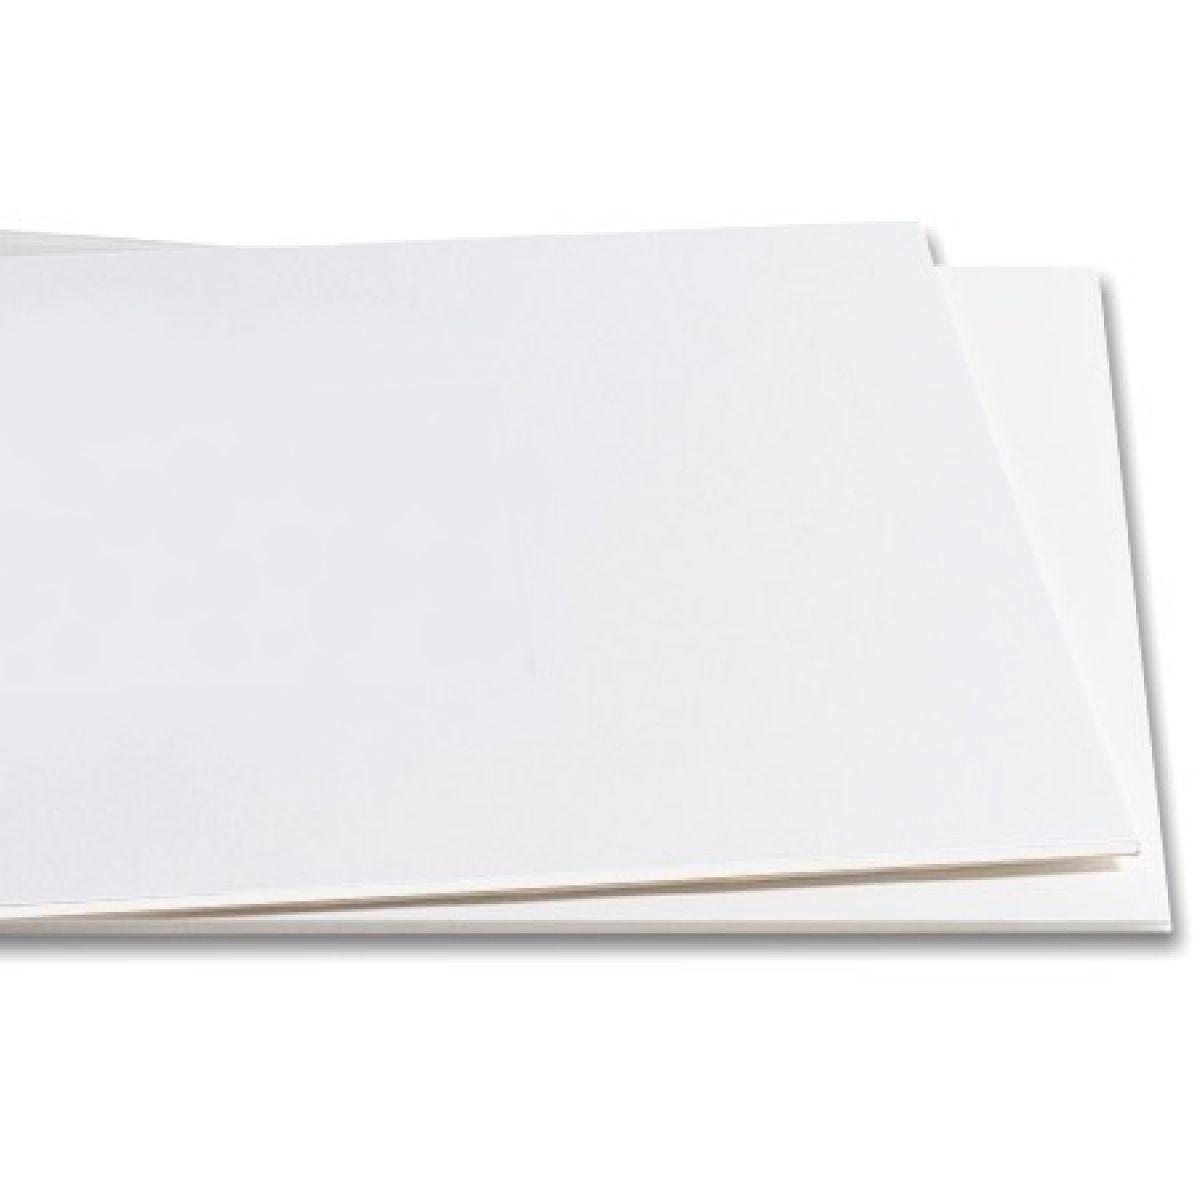 Papel Couche Brilho 90g A4 Embalagem Com 050 Folhas Phandora